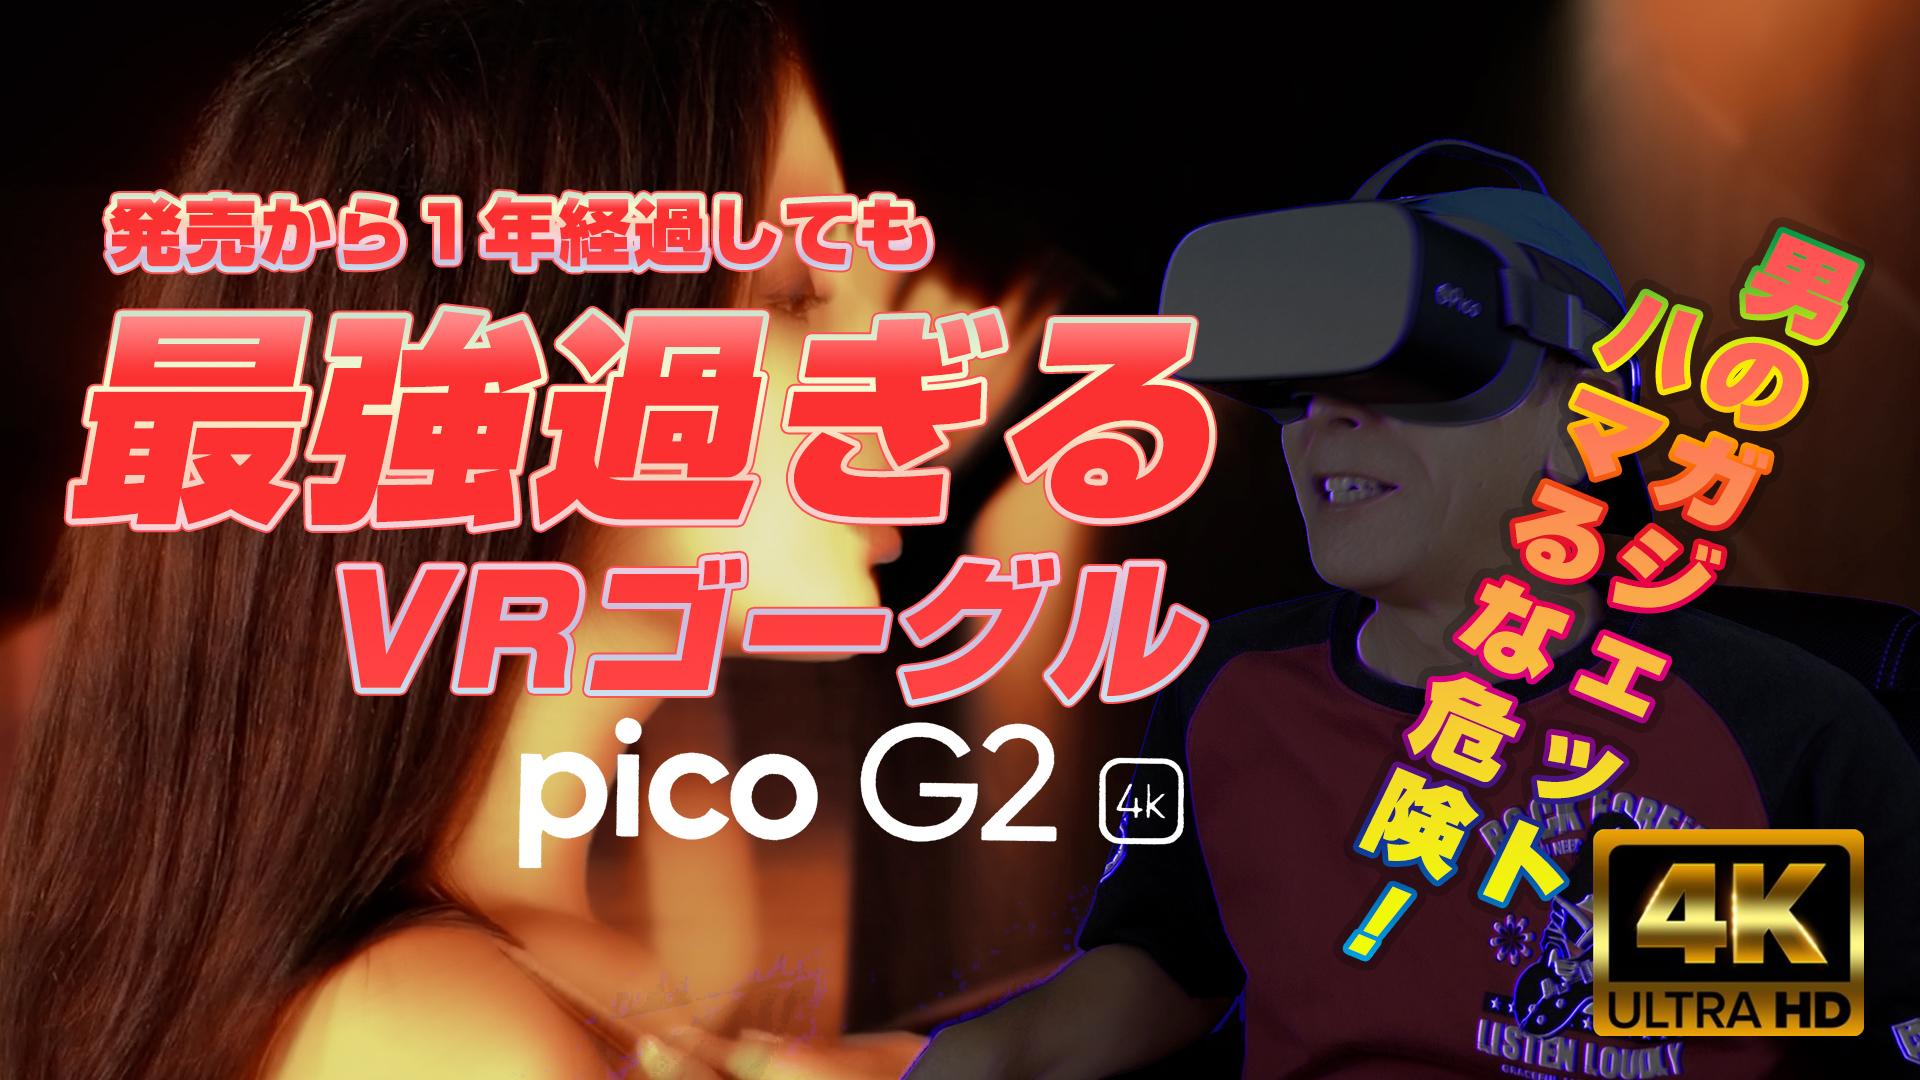 最強過ぎるVRゴーグルpico G2 4Kレビュー - 男のガジェット?!ハマるな危険!【4K 60fps】